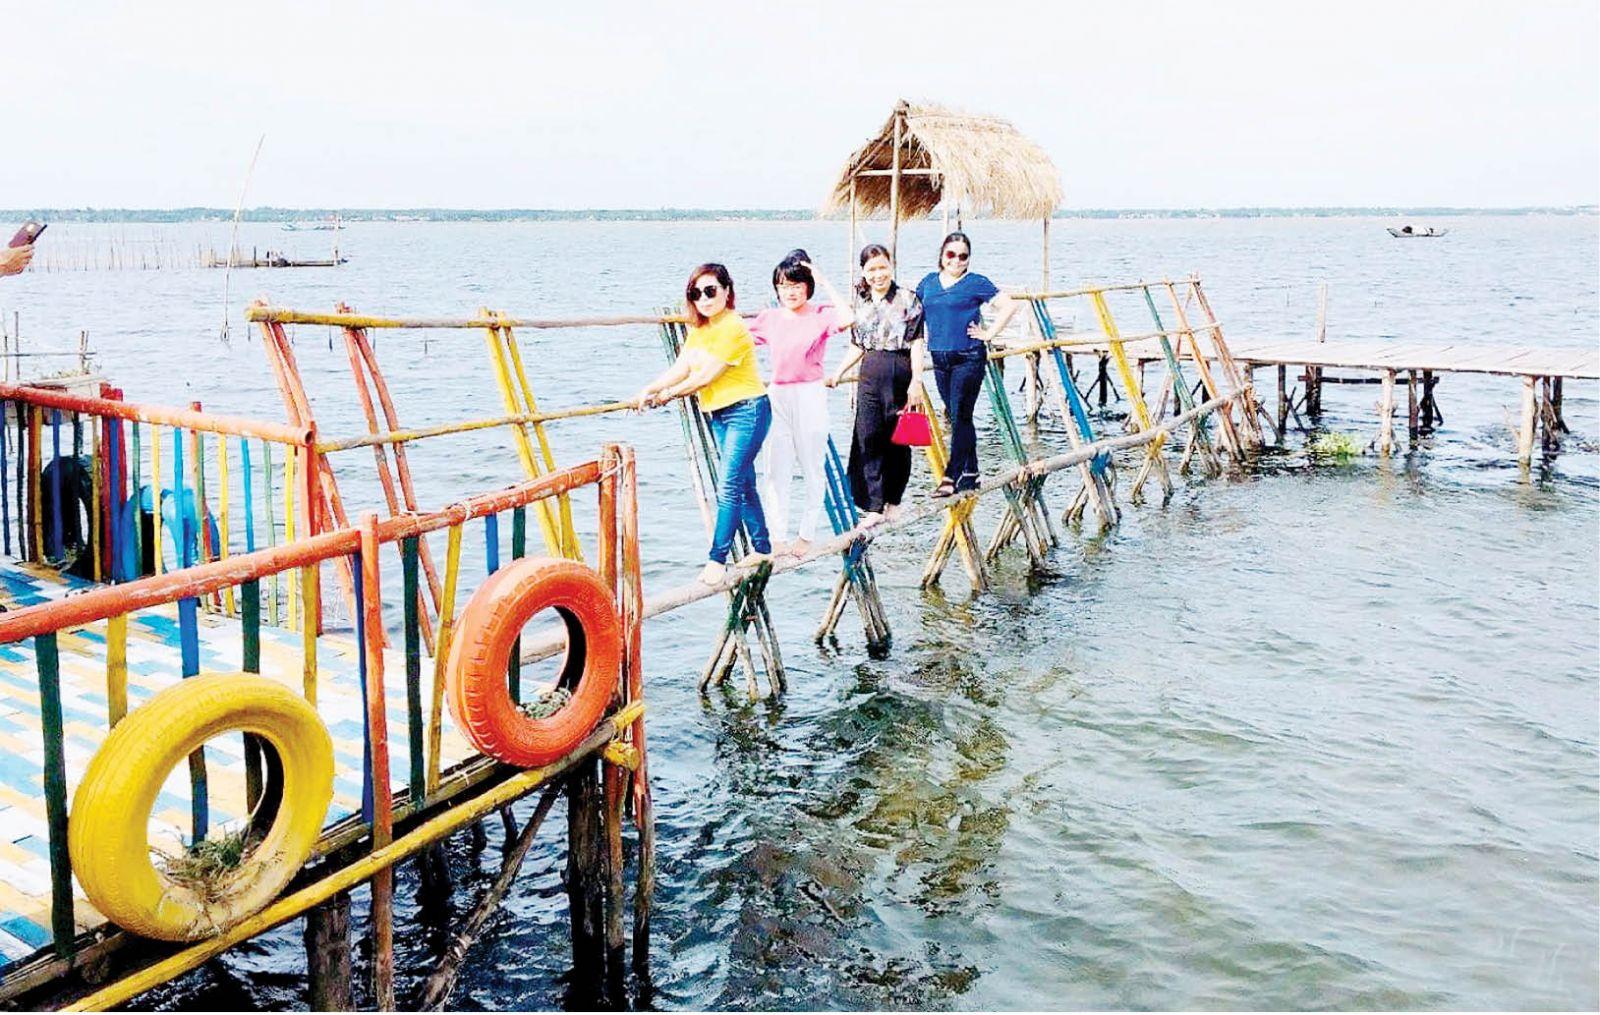 Du lịch Quảng Điền (Thừa Thiên Huế): Cần sự đầu tư thỏa đáng